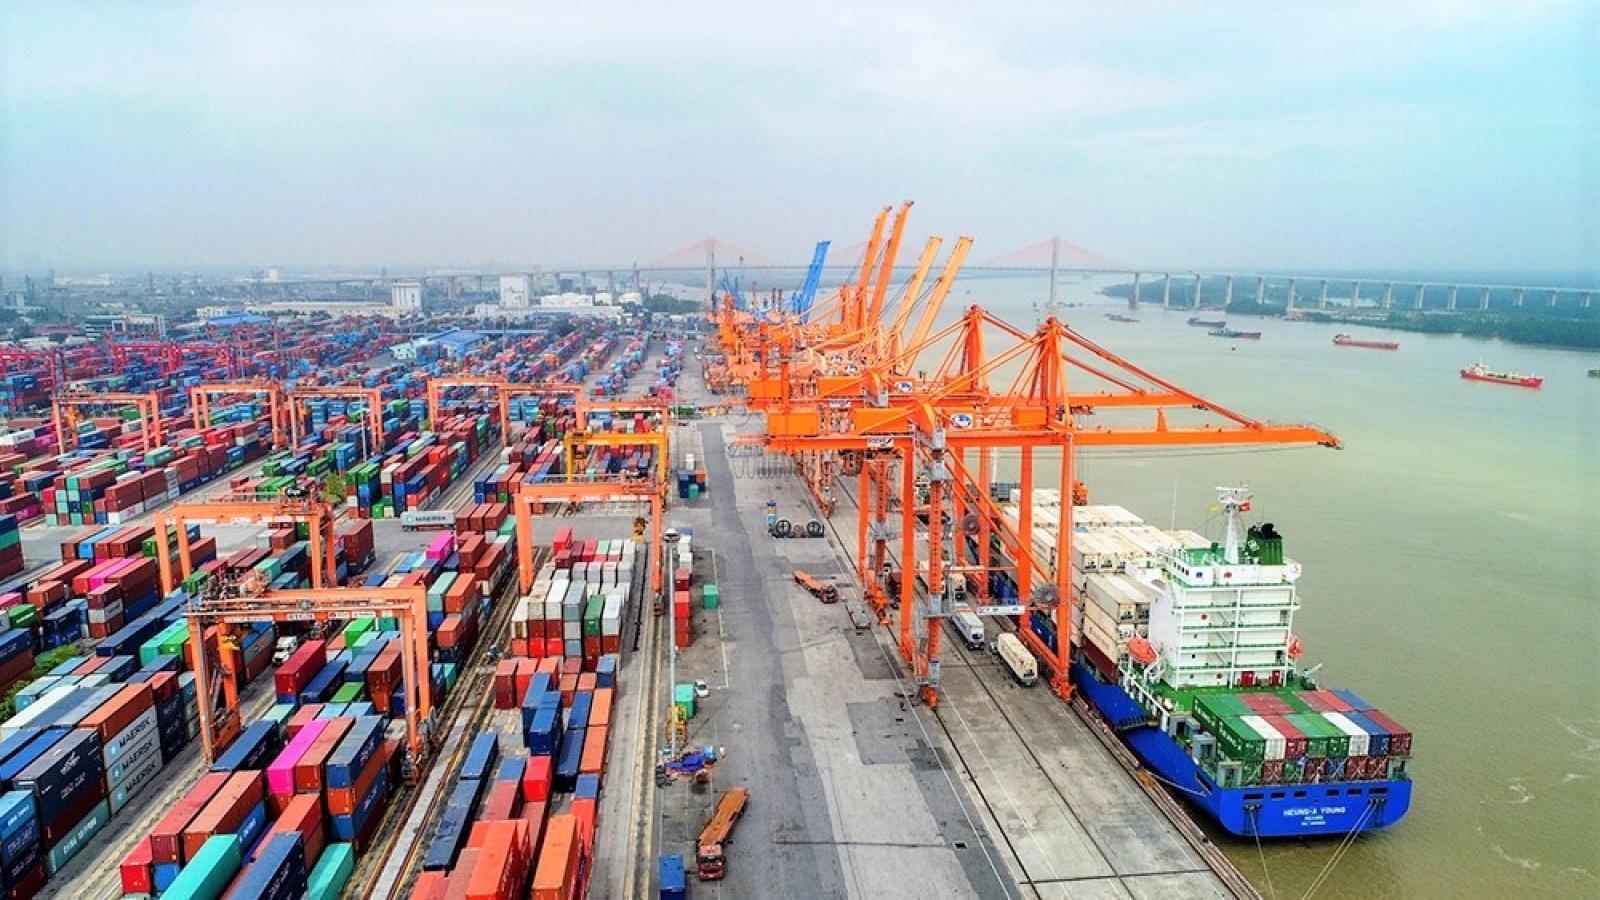 Khuyến cáo các DN kinh doanh với thị trường Ấn Độ trong bối cảnh dịch Covid-19